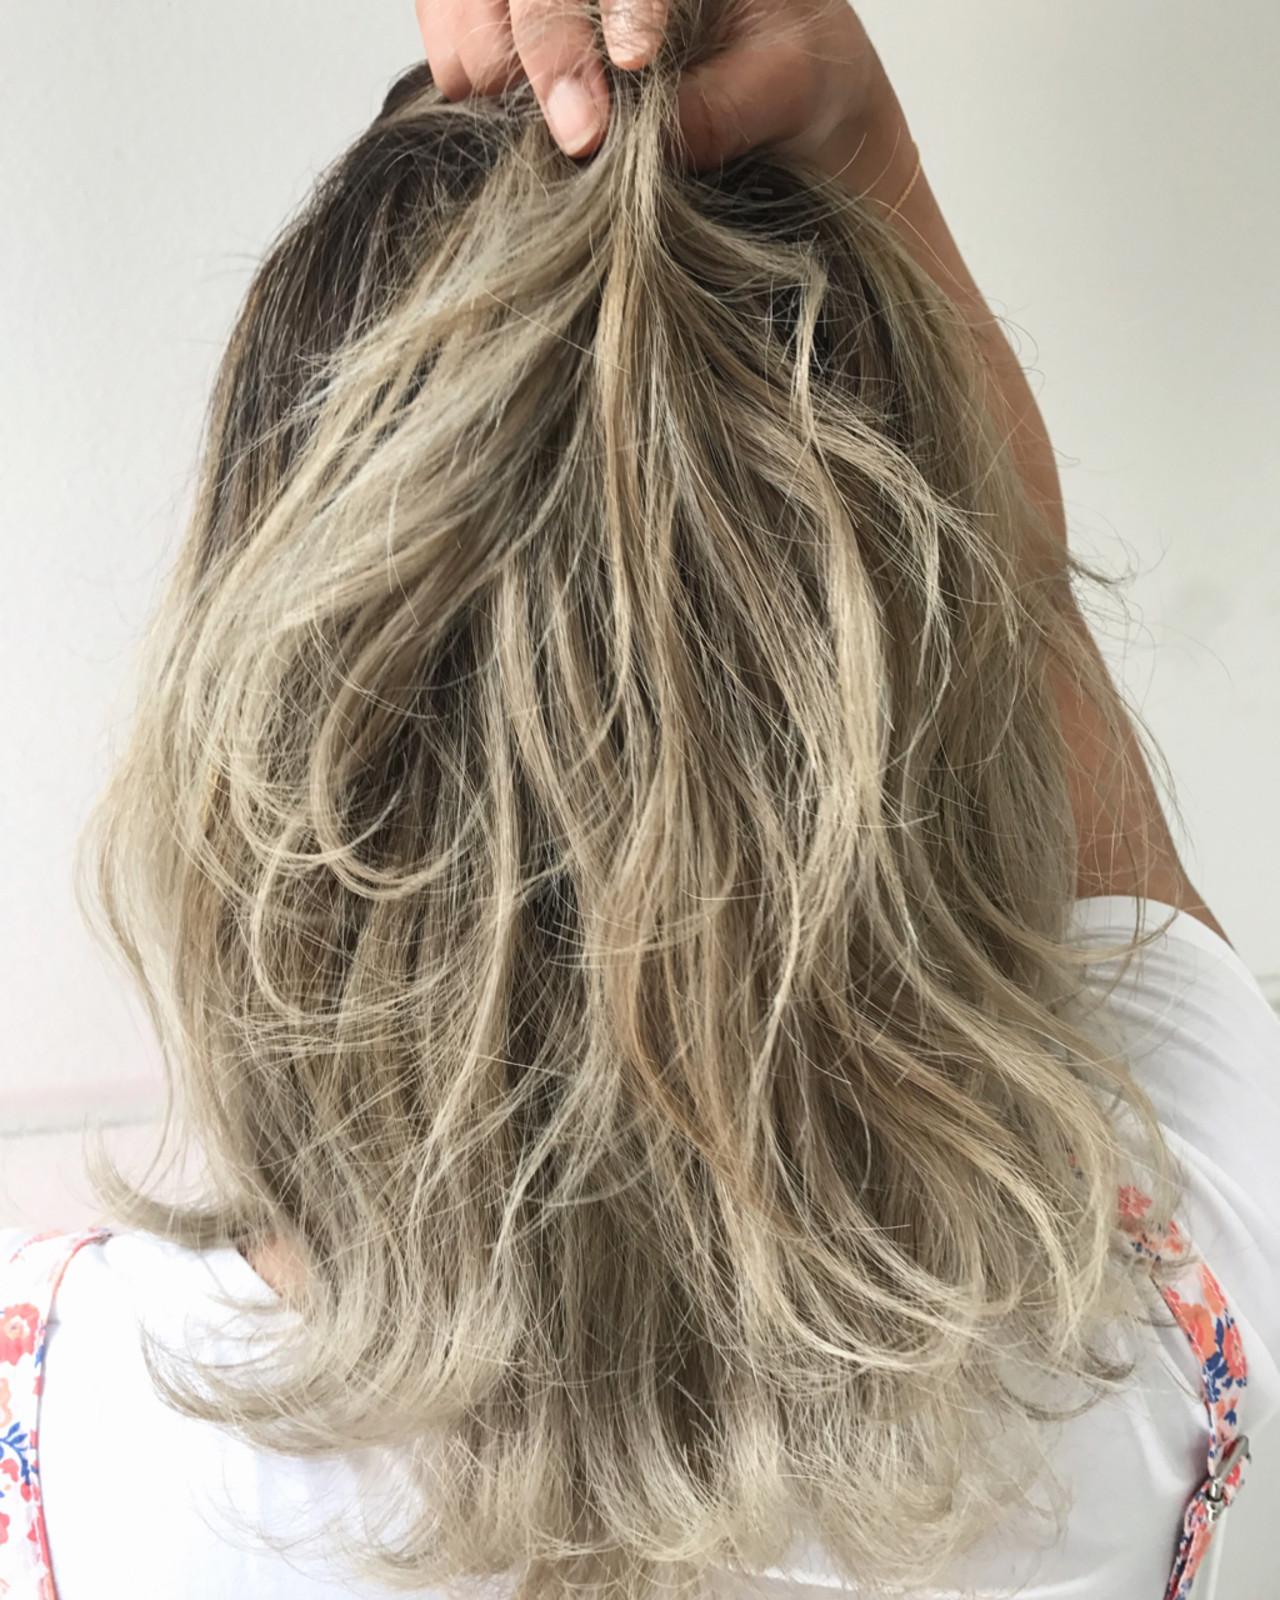 ミディアム アウトドア ストリート 簡単ヘアアレンジヘアスタイルや髪型の写真・画像